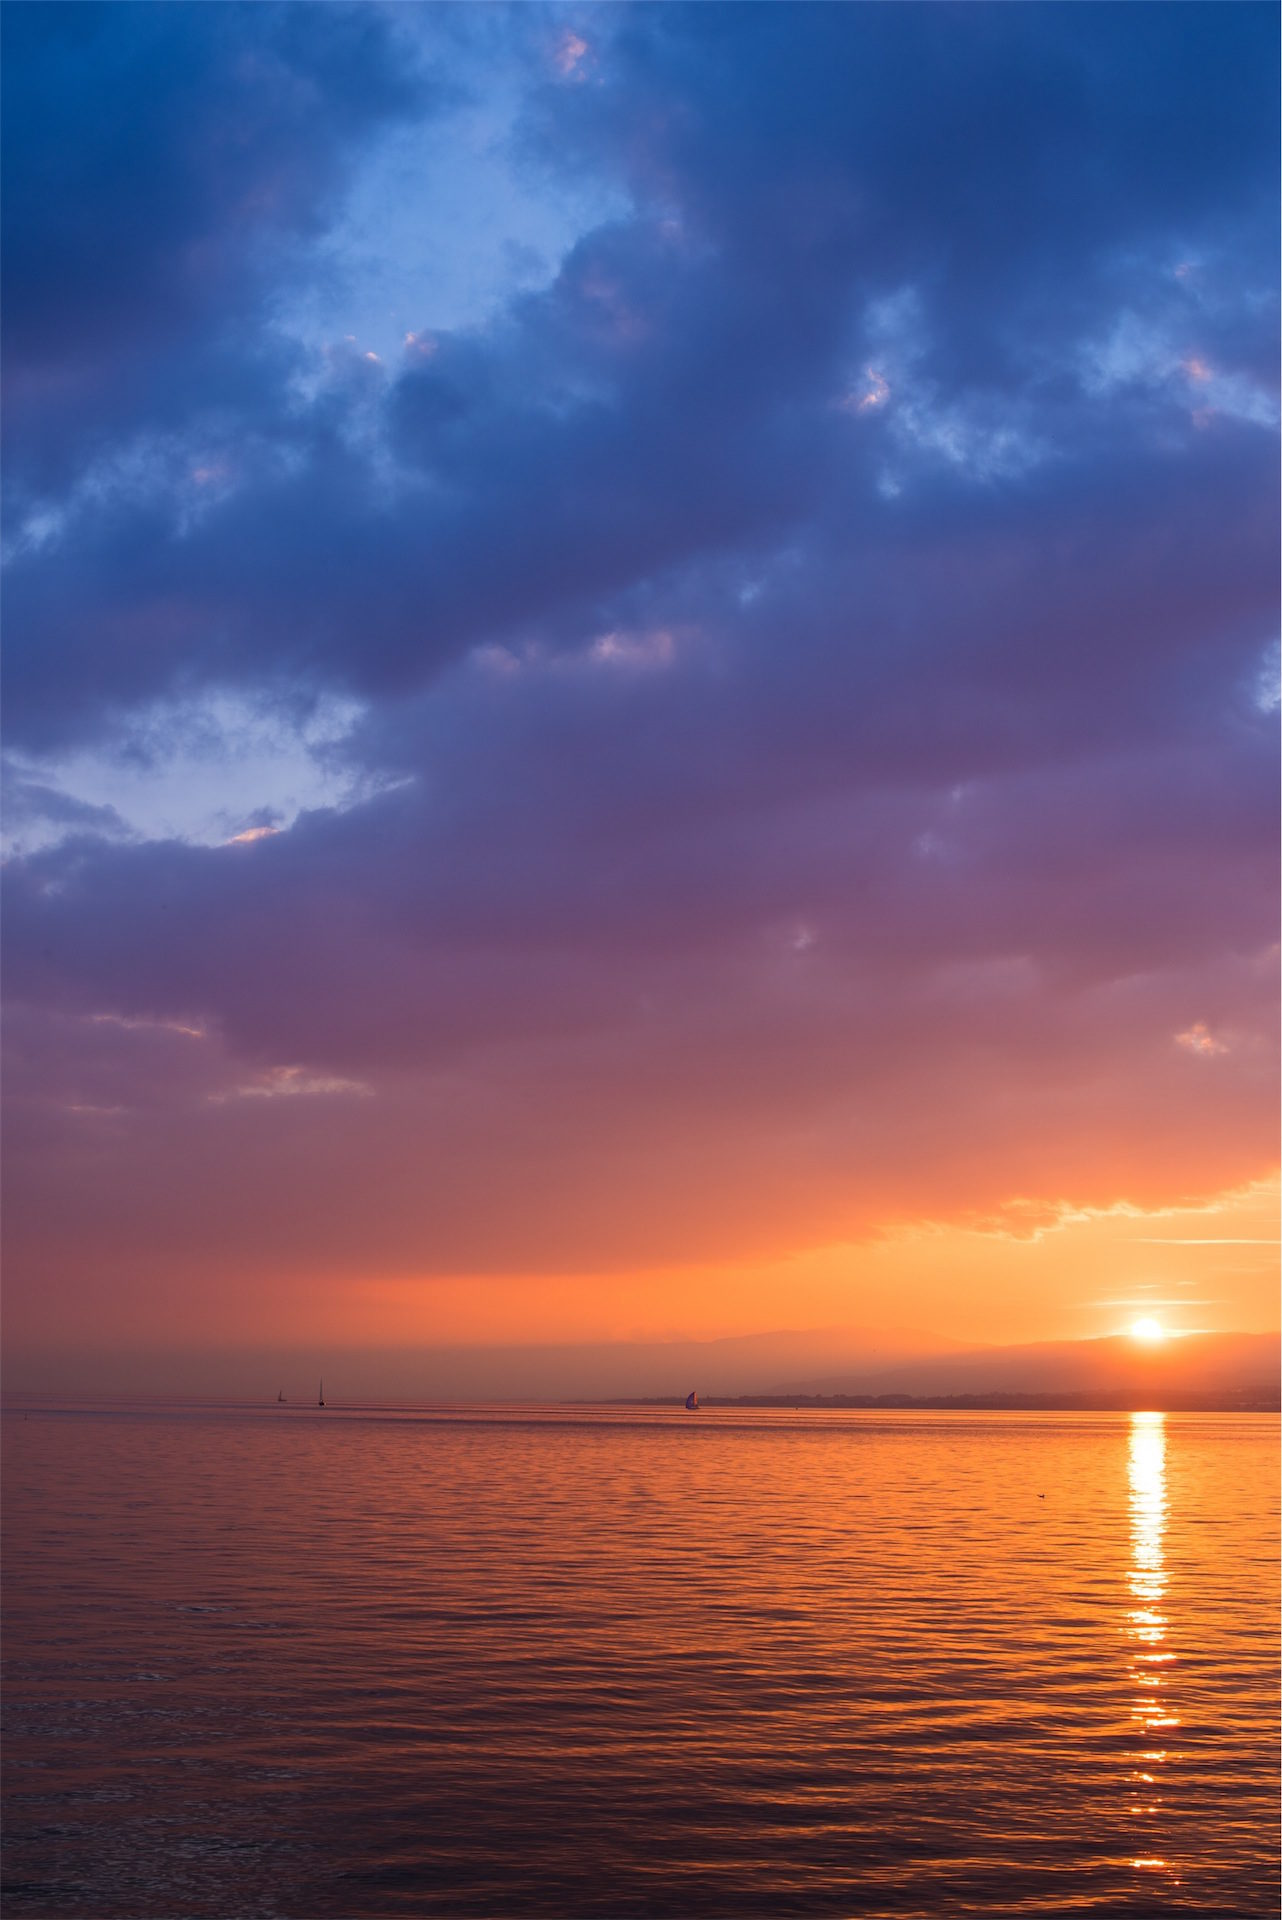 Небо, Закат, облака, красочные, Море - Обои HD - Профессор falken.com